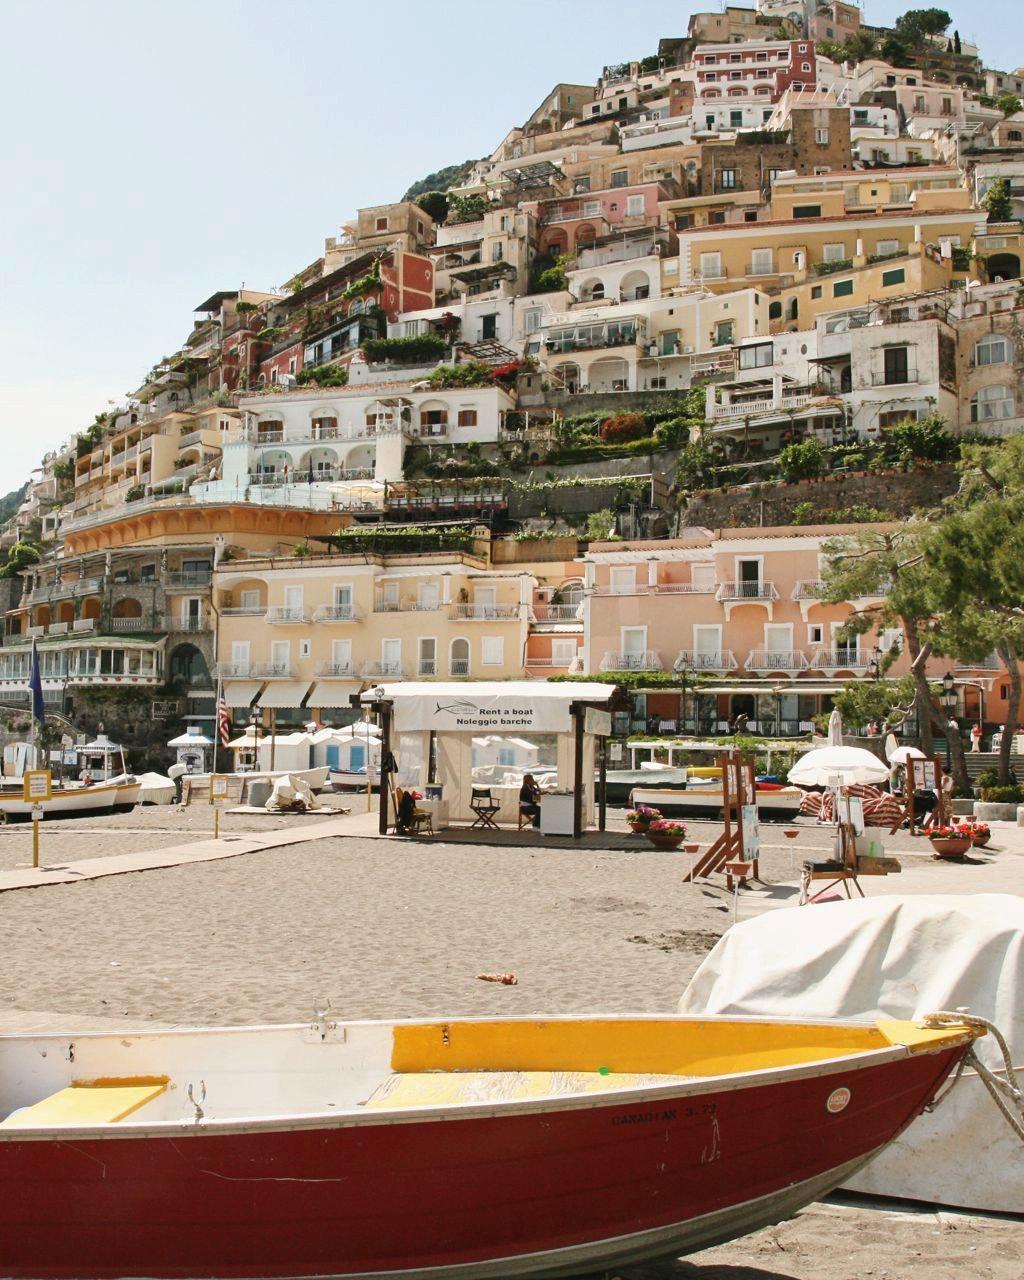 Positano Italy Print – Amalfi Coast Photography – Italy Throughout Italian Coast Wall Art (Image 16 of 20)